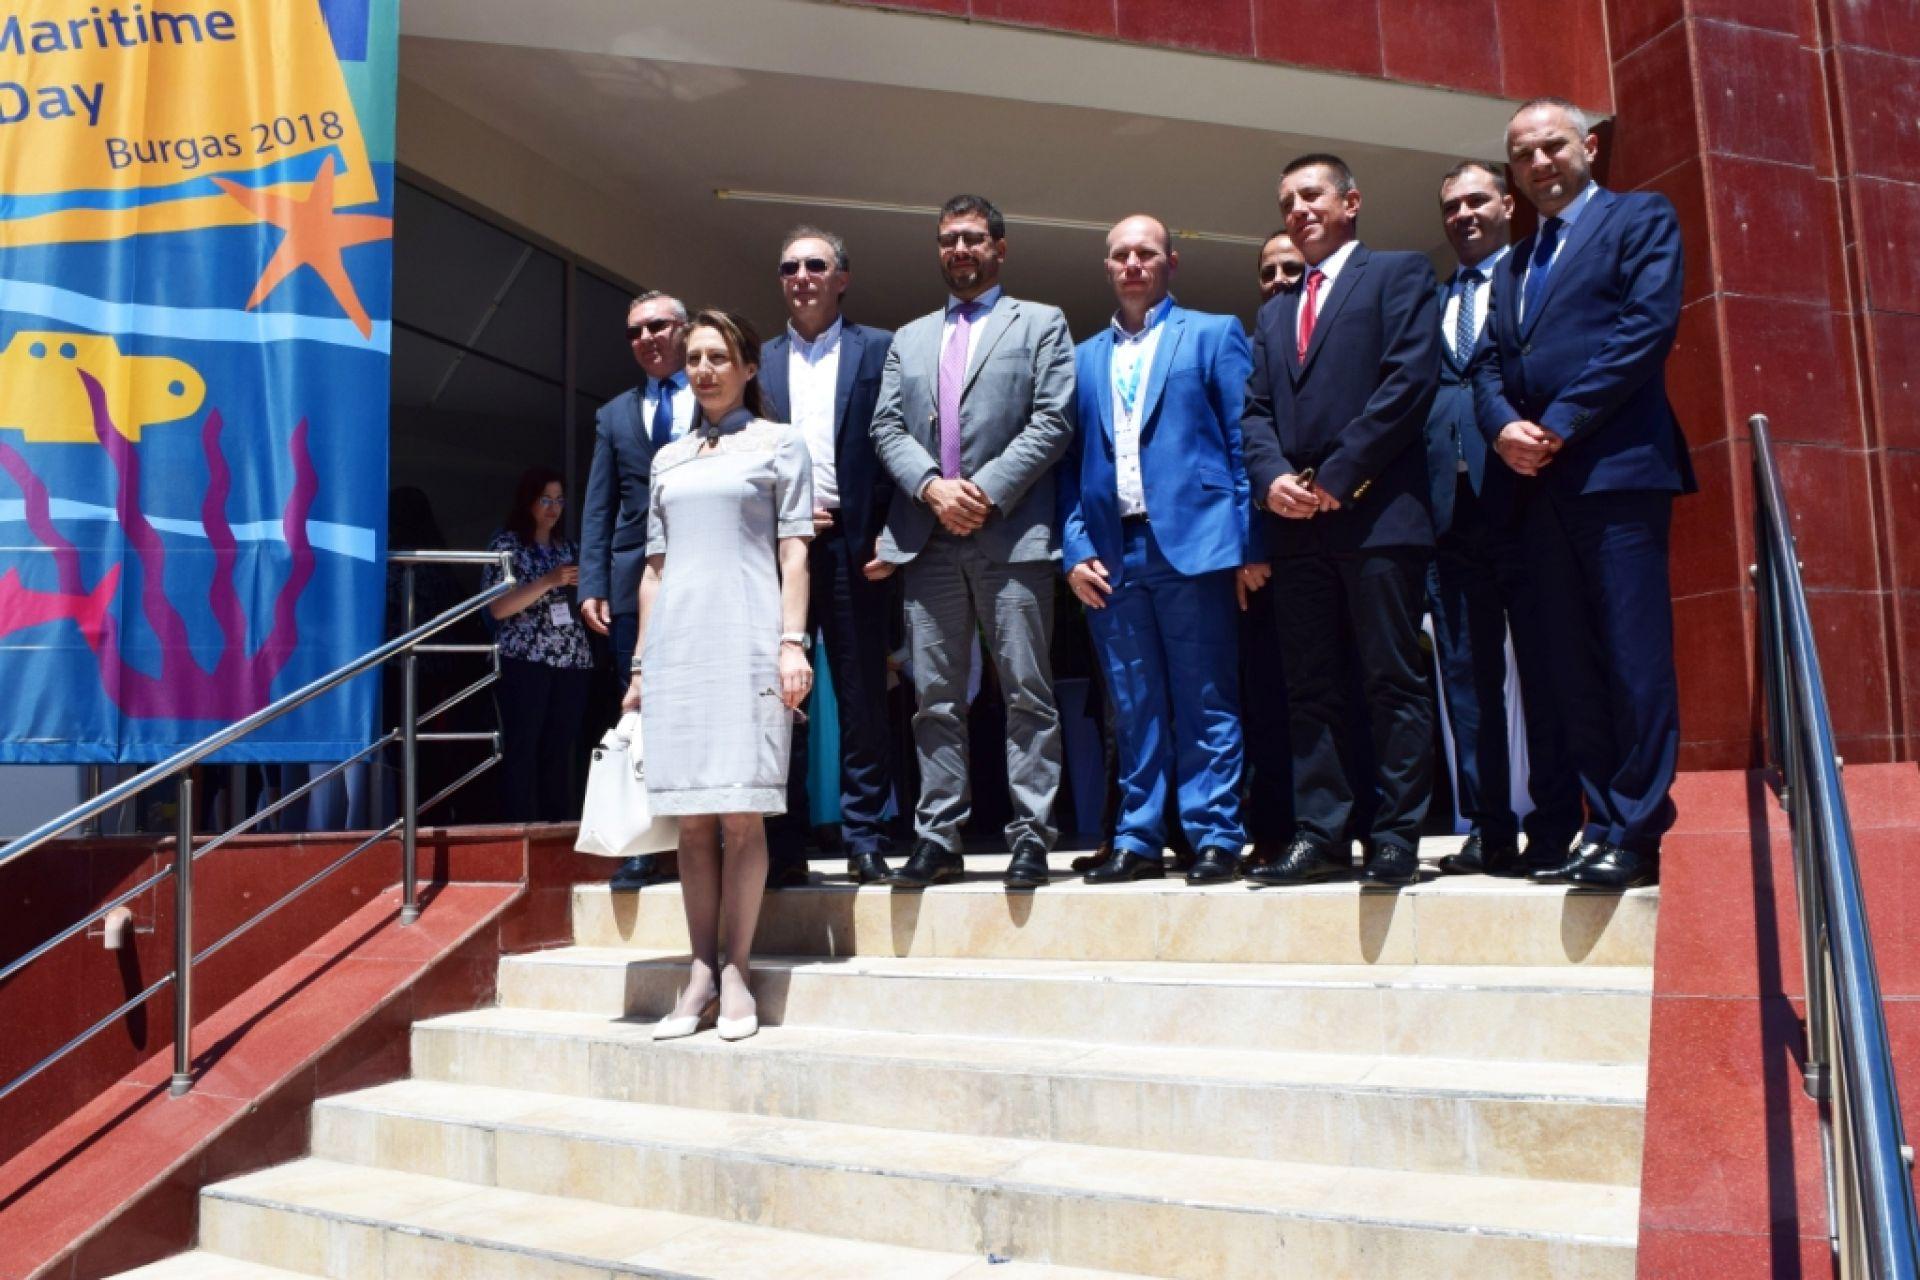 Айрам Диаз Пастор: Обединените усилия ще върнат круизите в Черно море - 01.06.2018